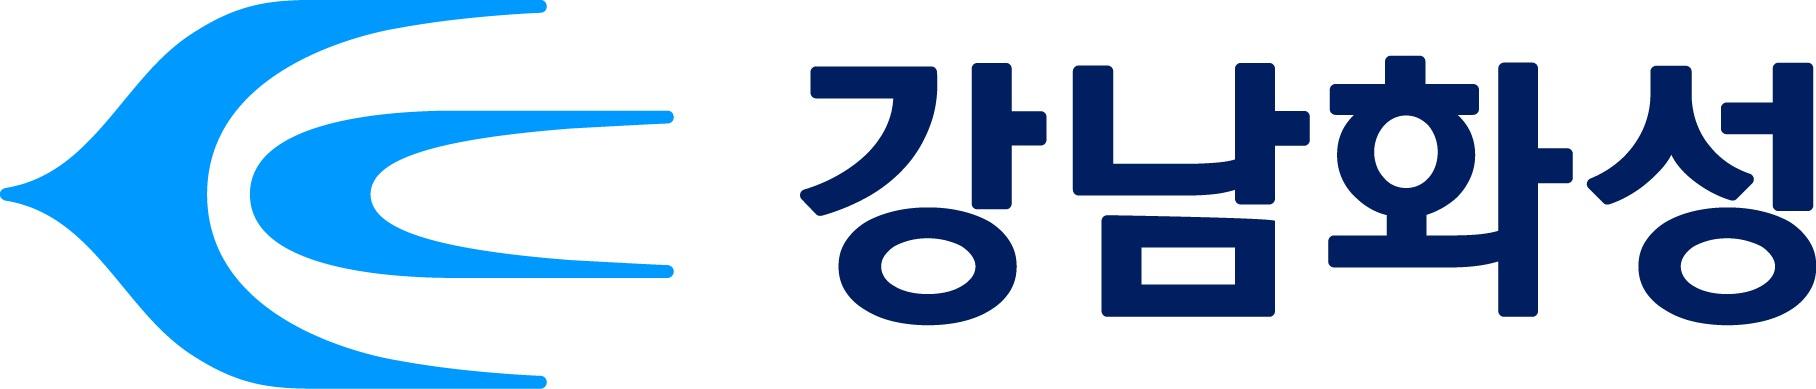 강남의 계열사 강남화성(주)의 로고